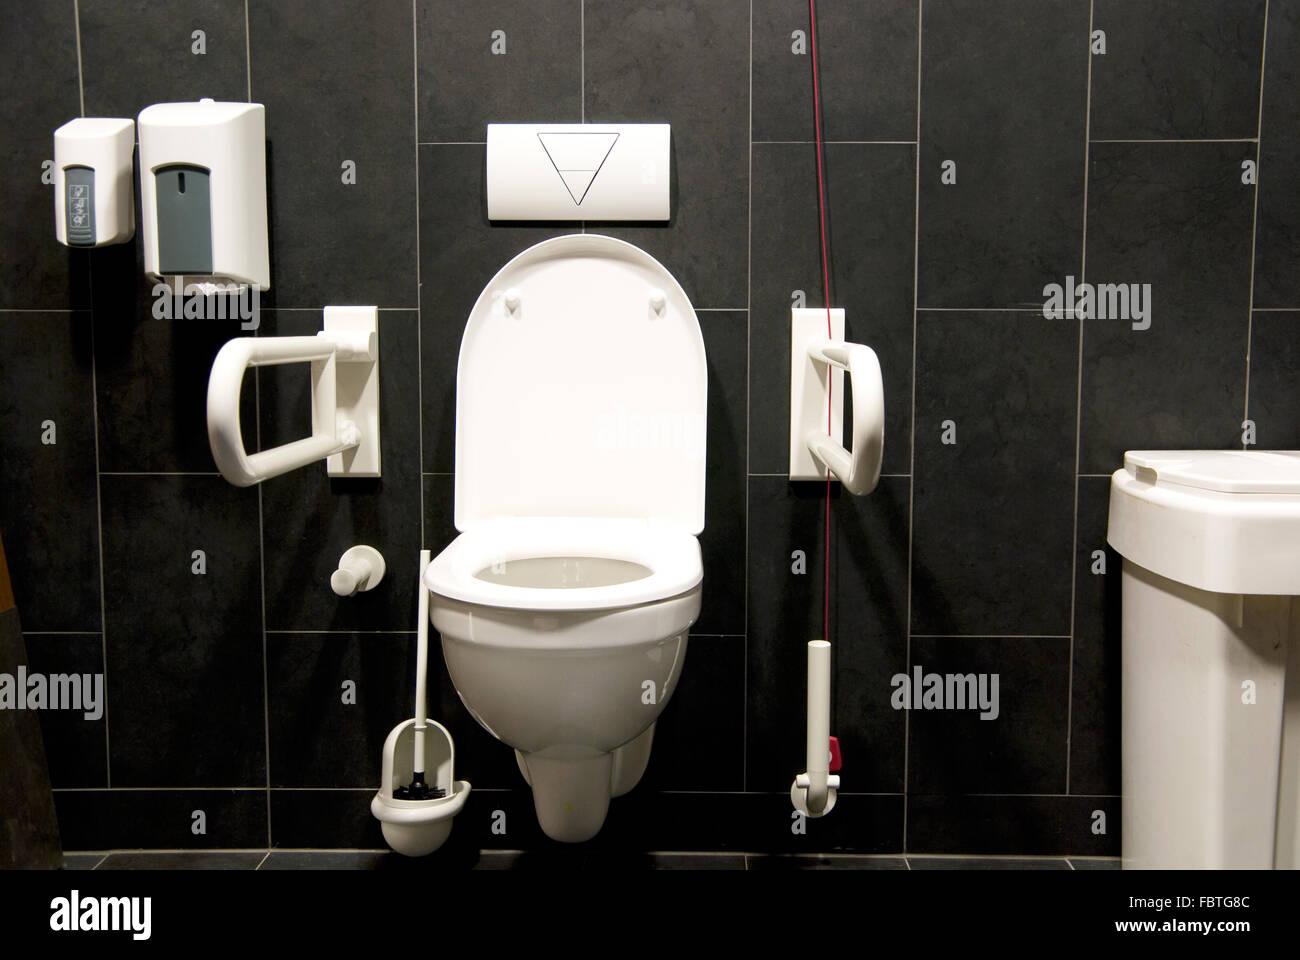 Krankenhaus toilette hospital toilet - 3 1